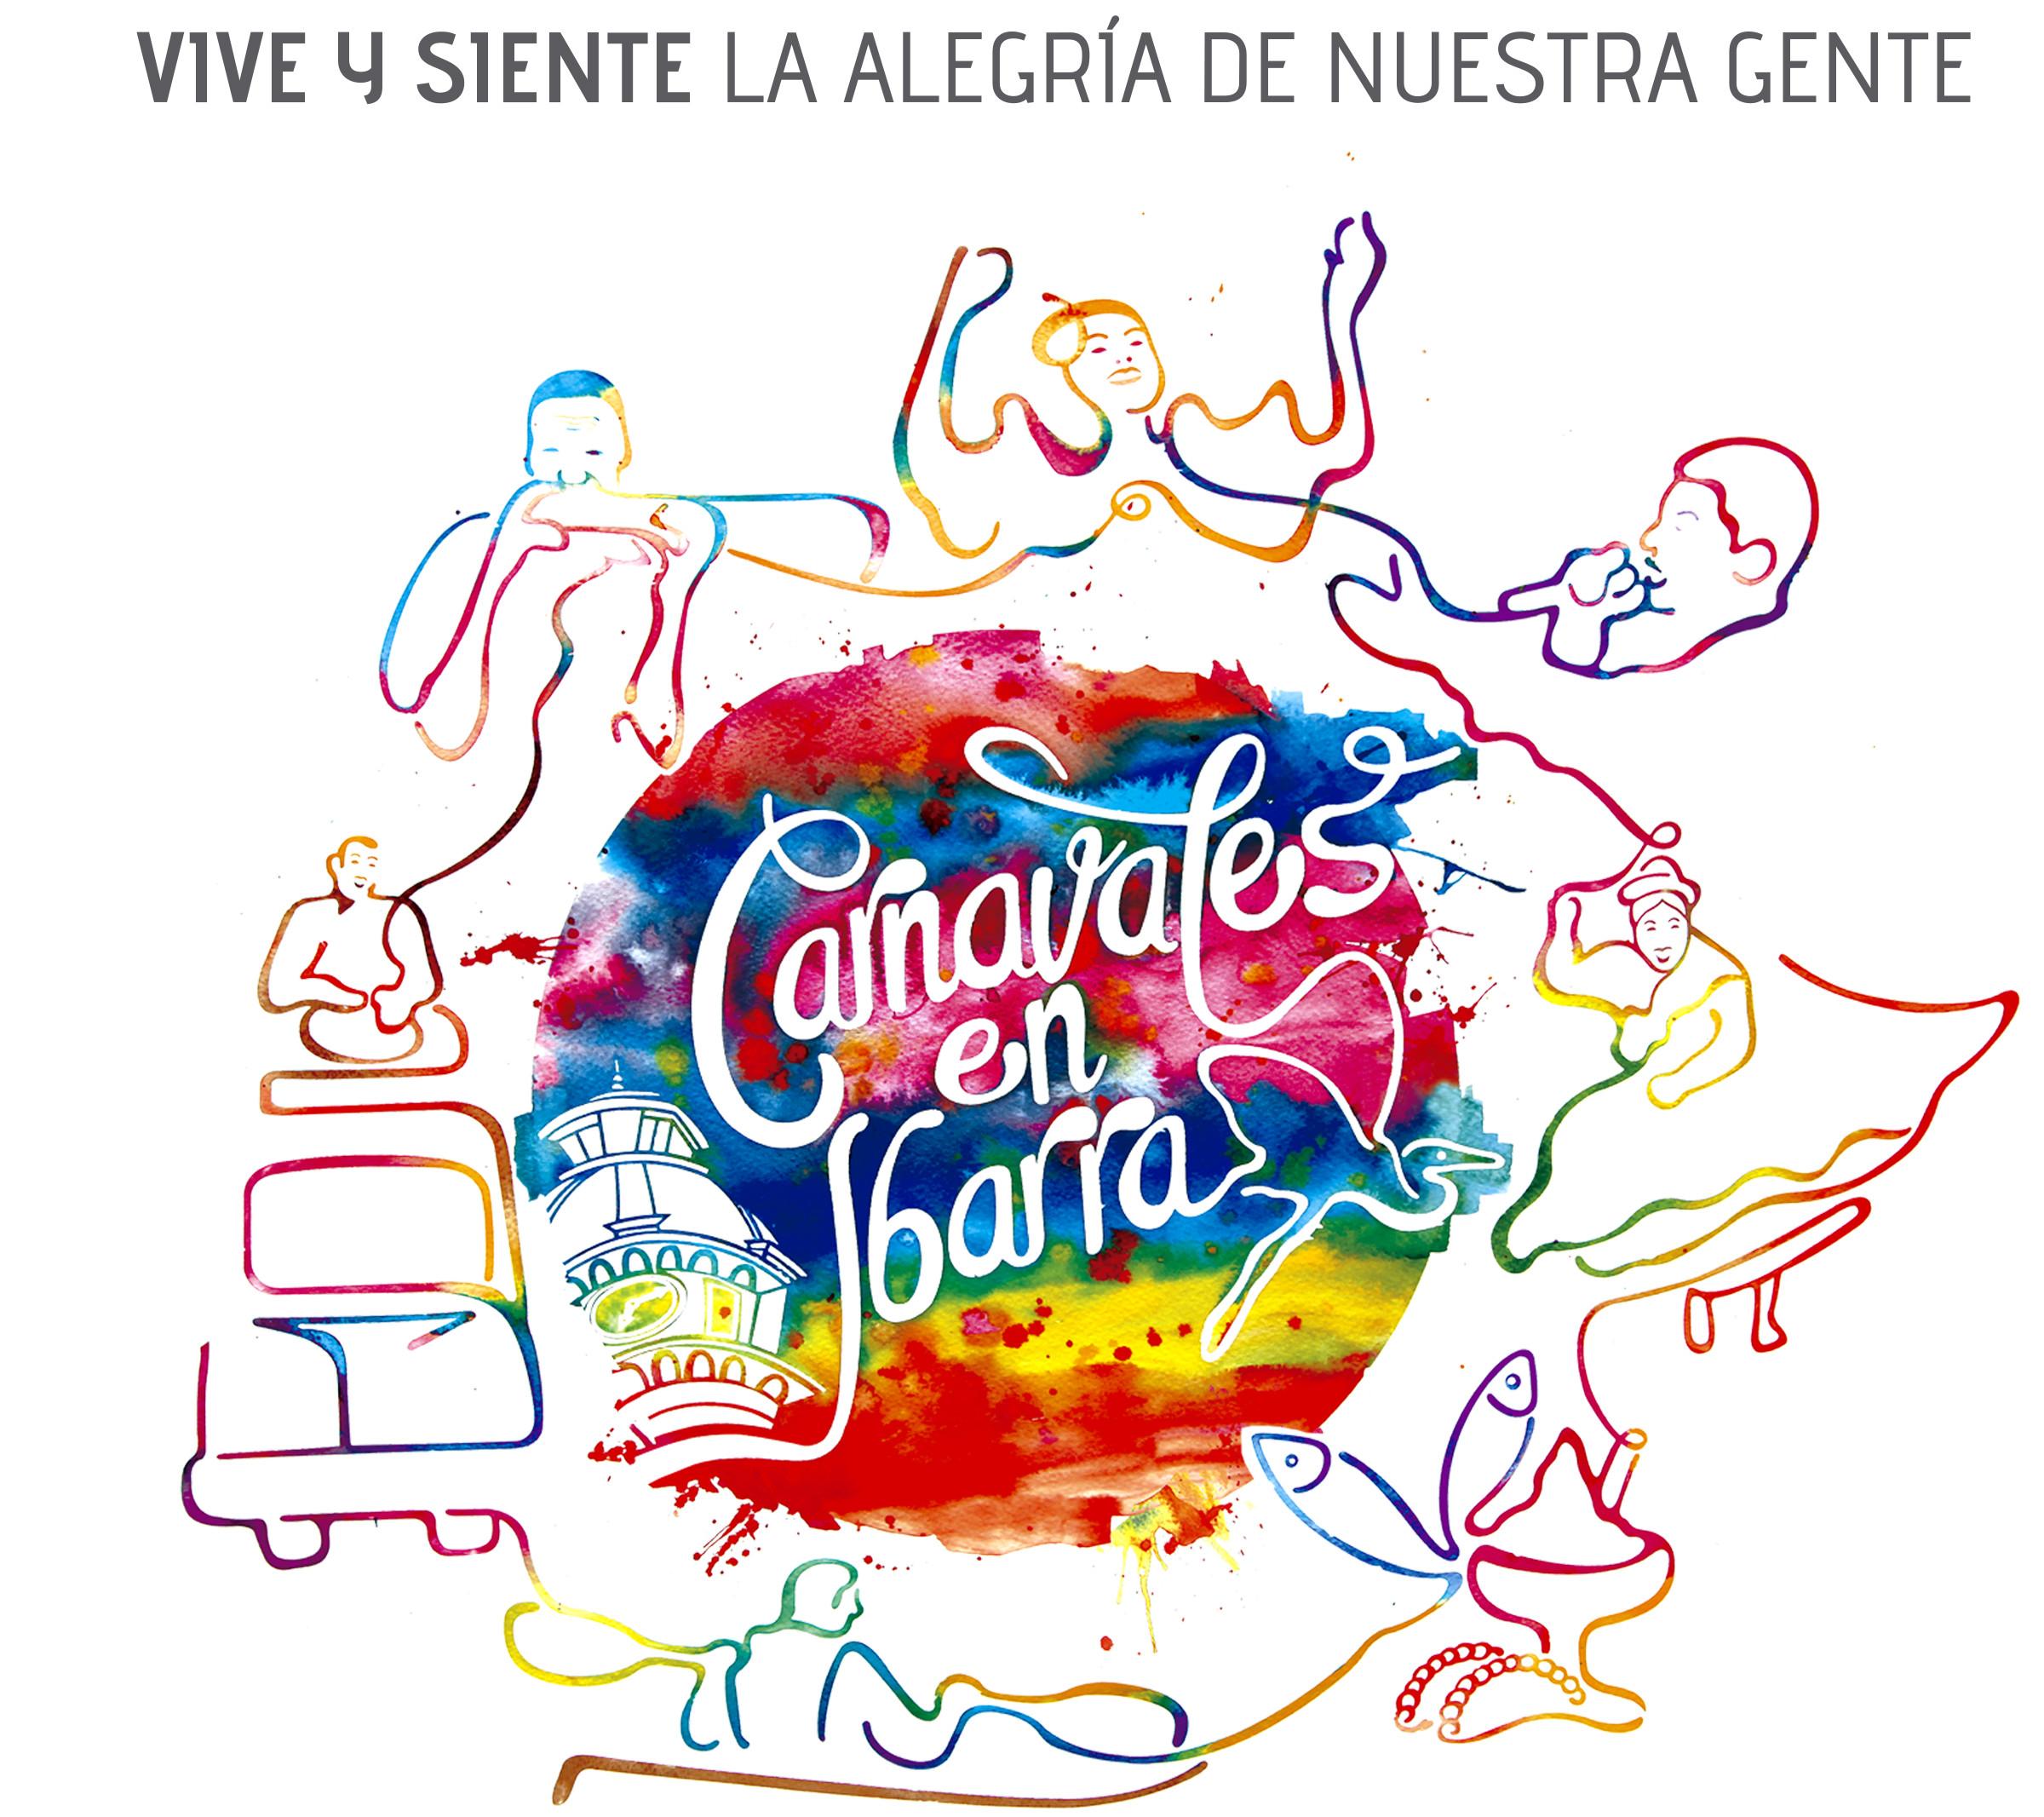 CARNAVALES 2016 AFICHE.jpg